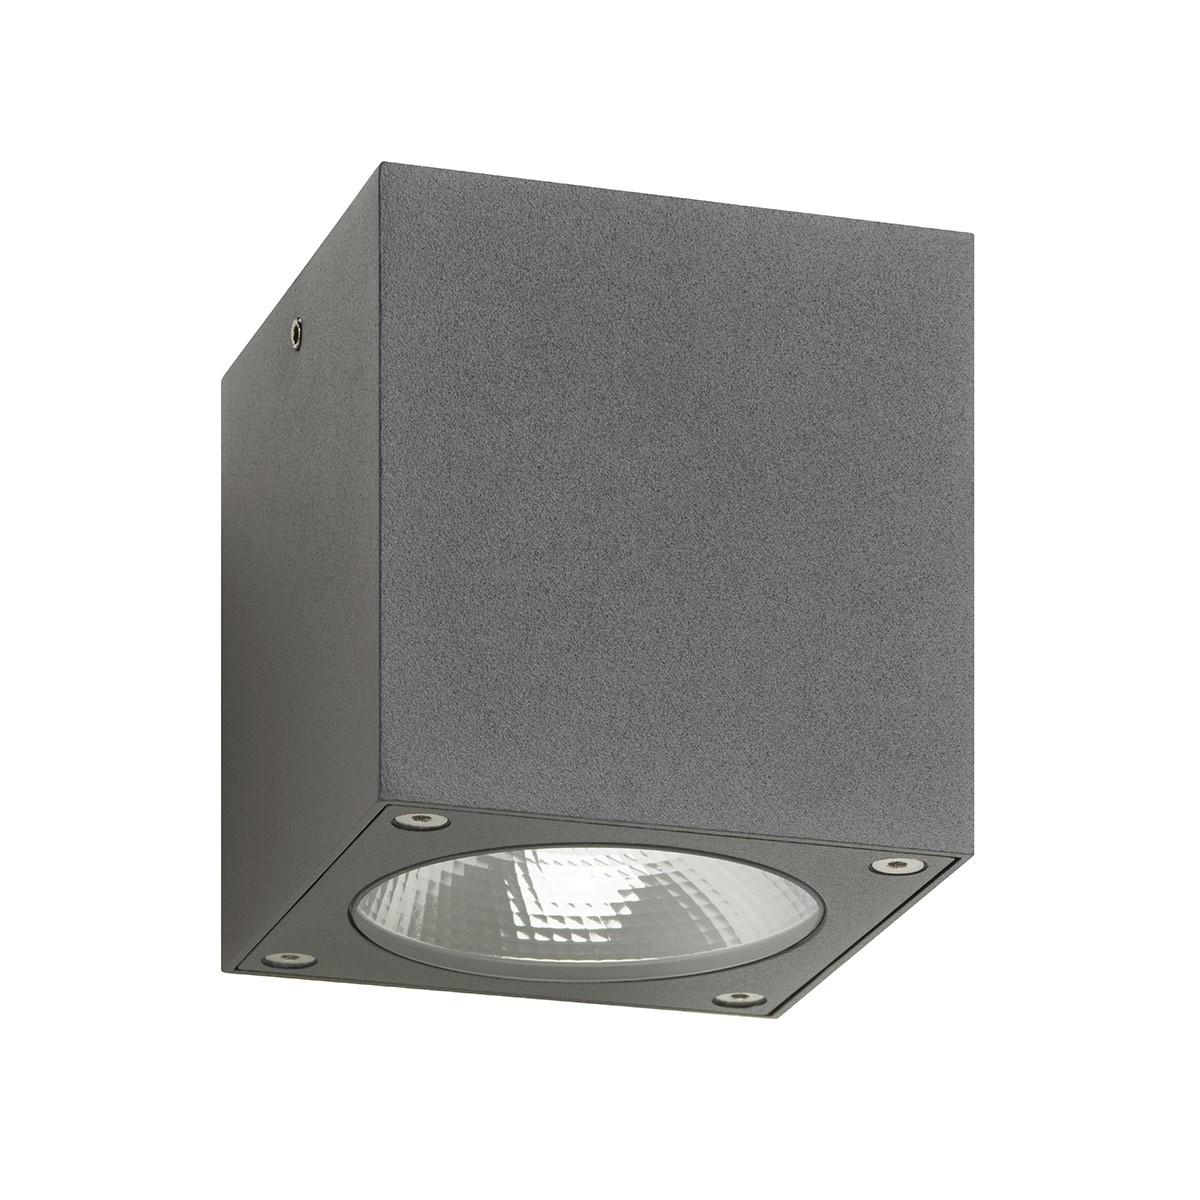 LCD Außenleuchten 5028 LED Deckenleuchte, graphit